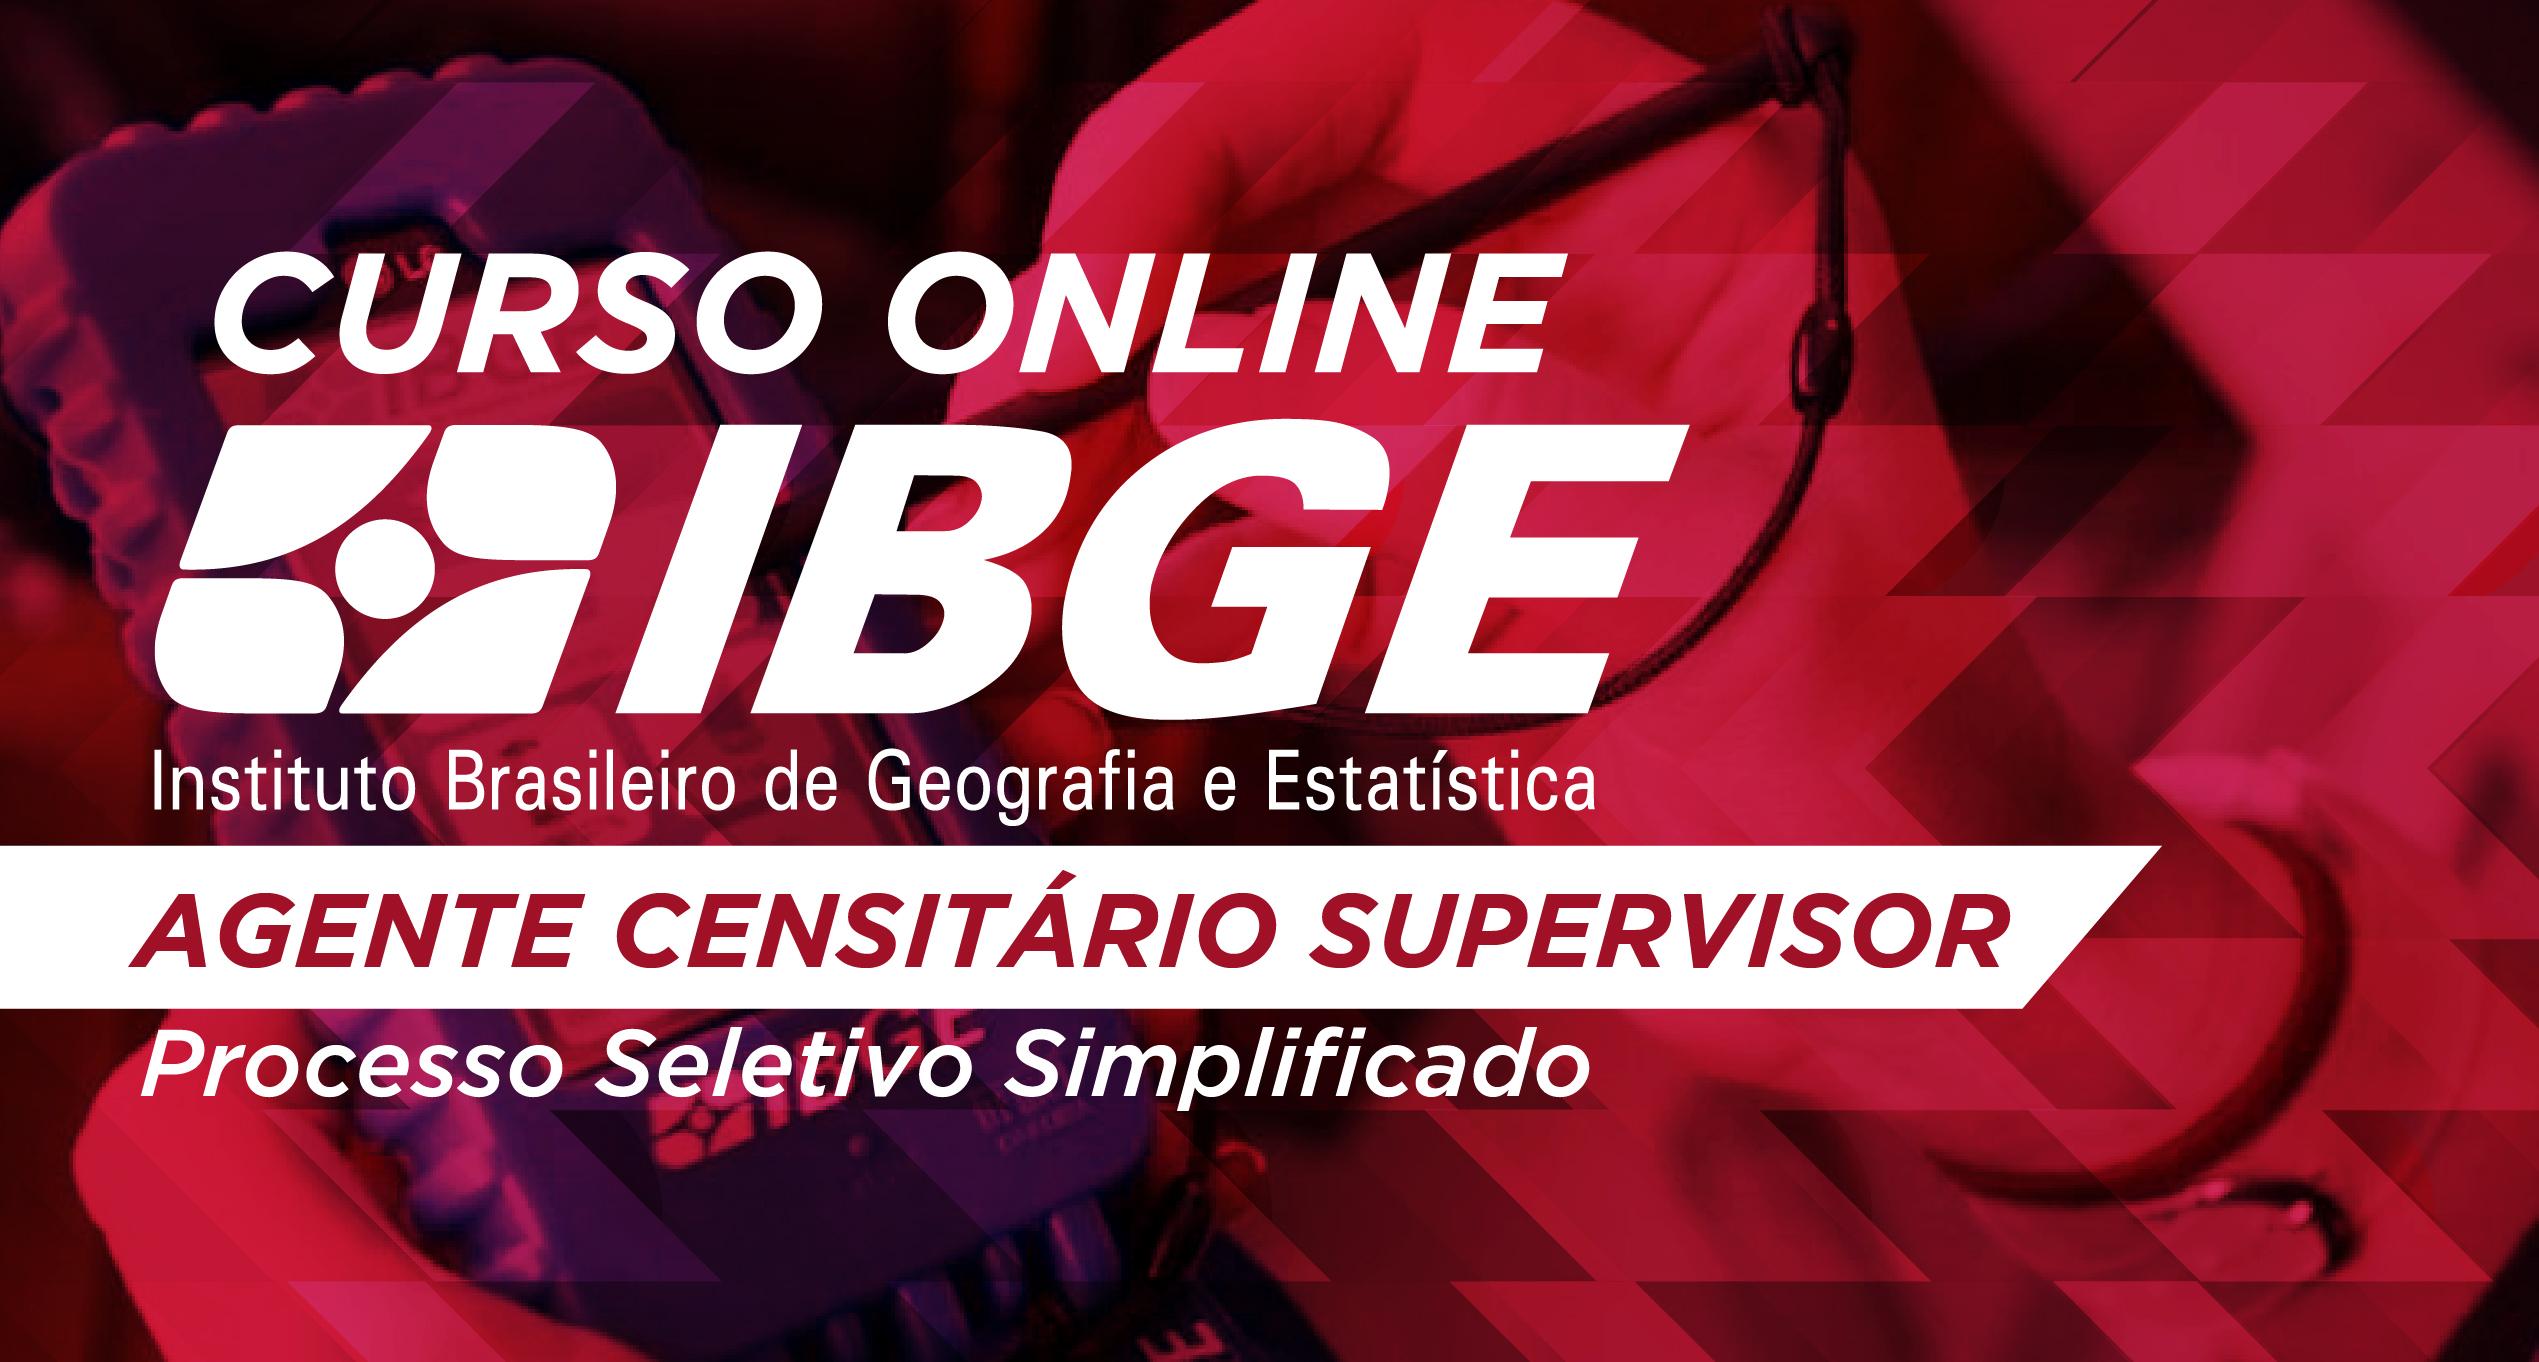 IBGE - Agente Censitário Supervisor